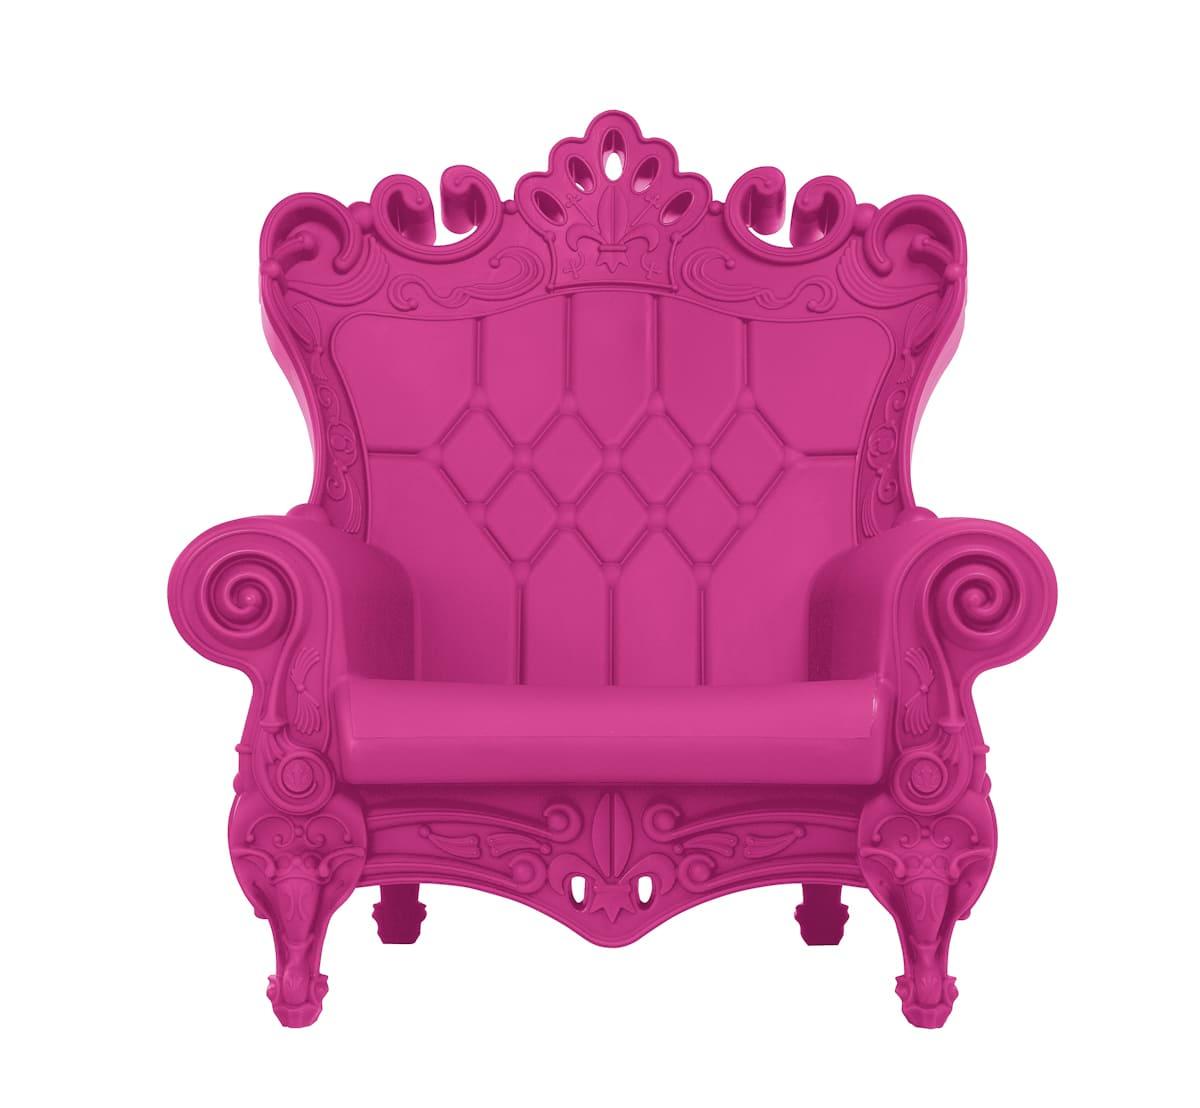 Barock Sessel Kunststoff Pink - Barock Stuhl aus Kunststoff in verschieden Farben | Design of Love